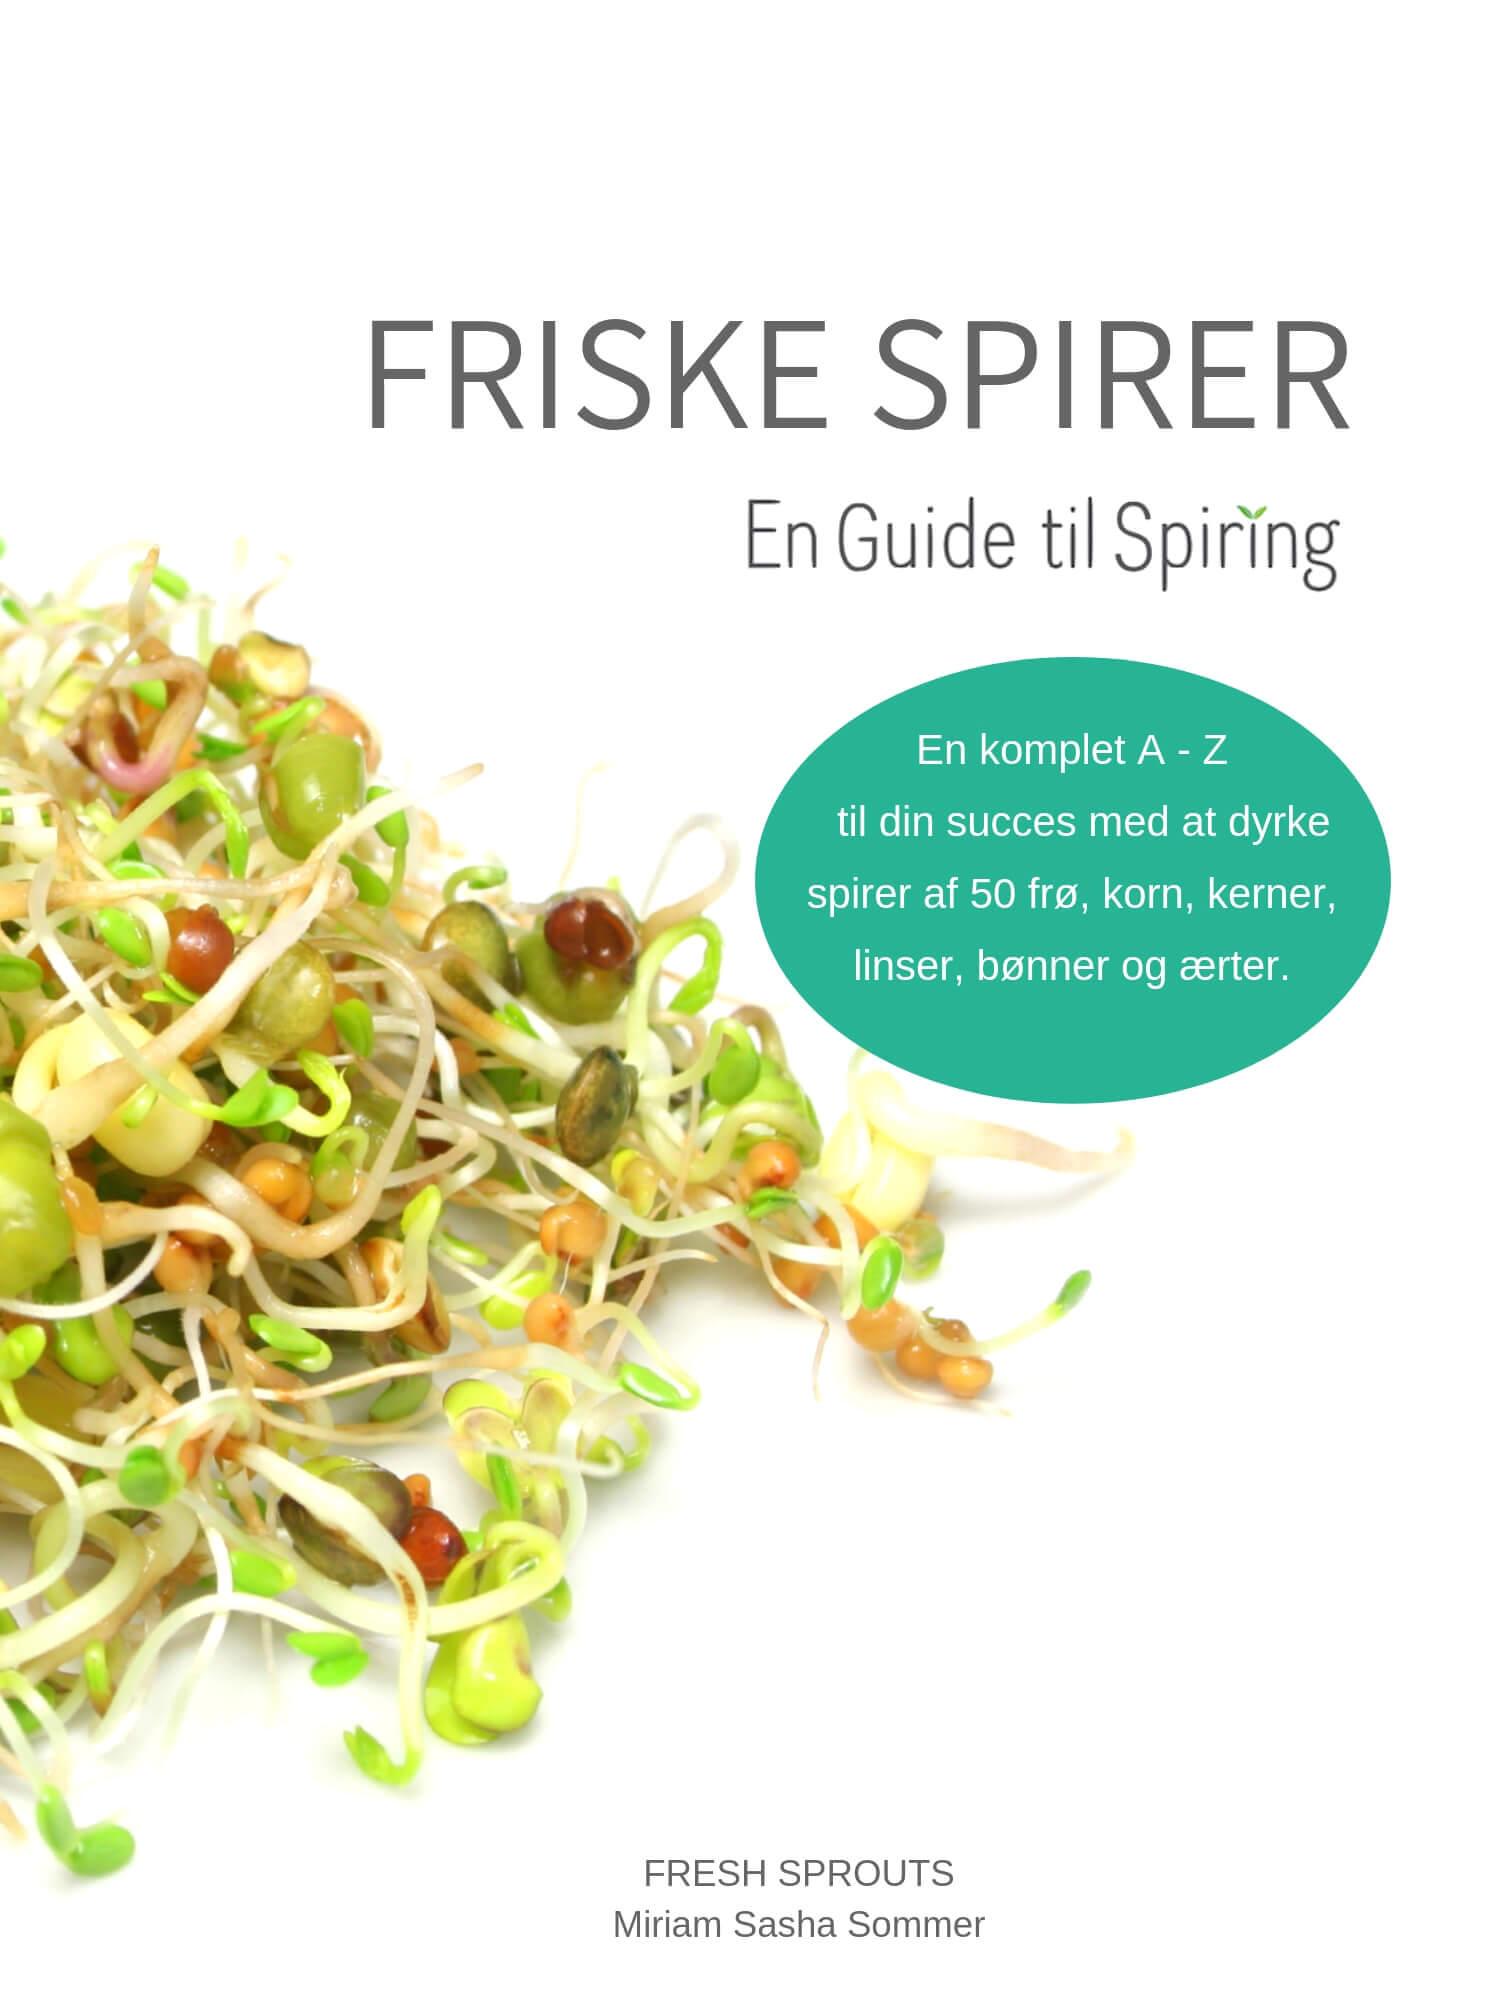 FRISKE SPIRER En Guide til Spiring af Miriam Sasha Sommer